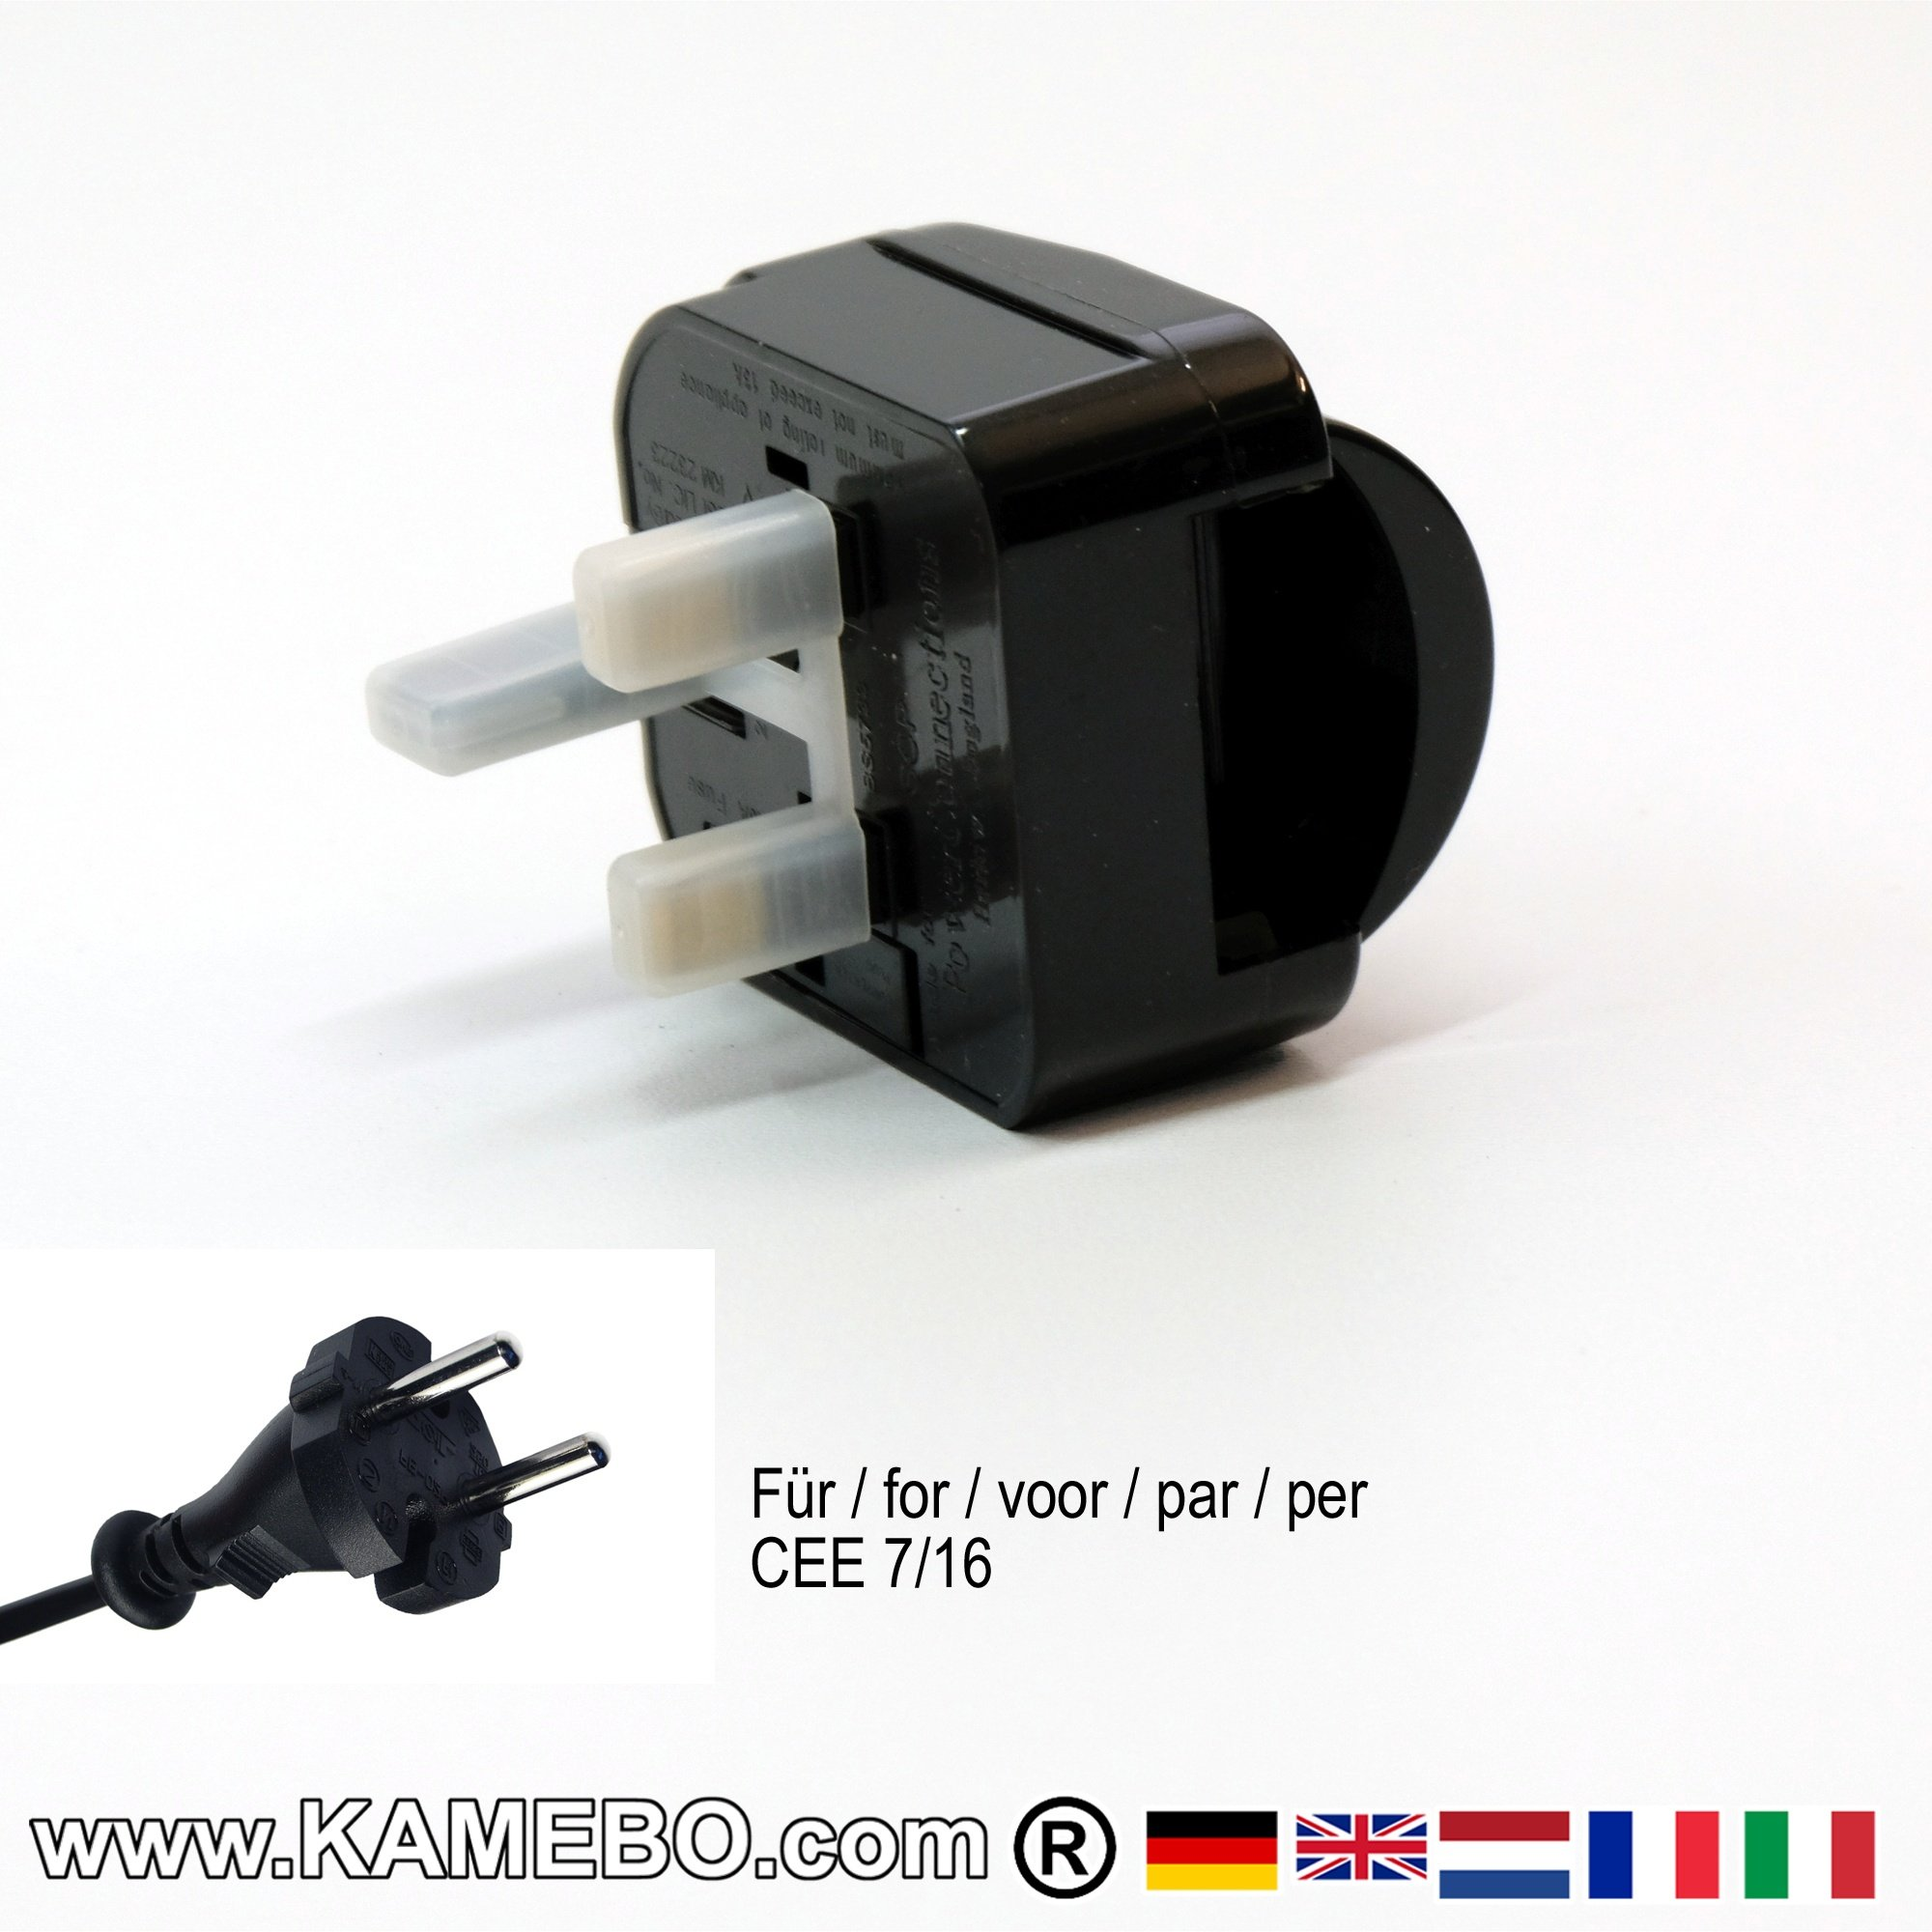 Travel Adaptor Three-Pole Plug BS 1363 - KAMEBO®